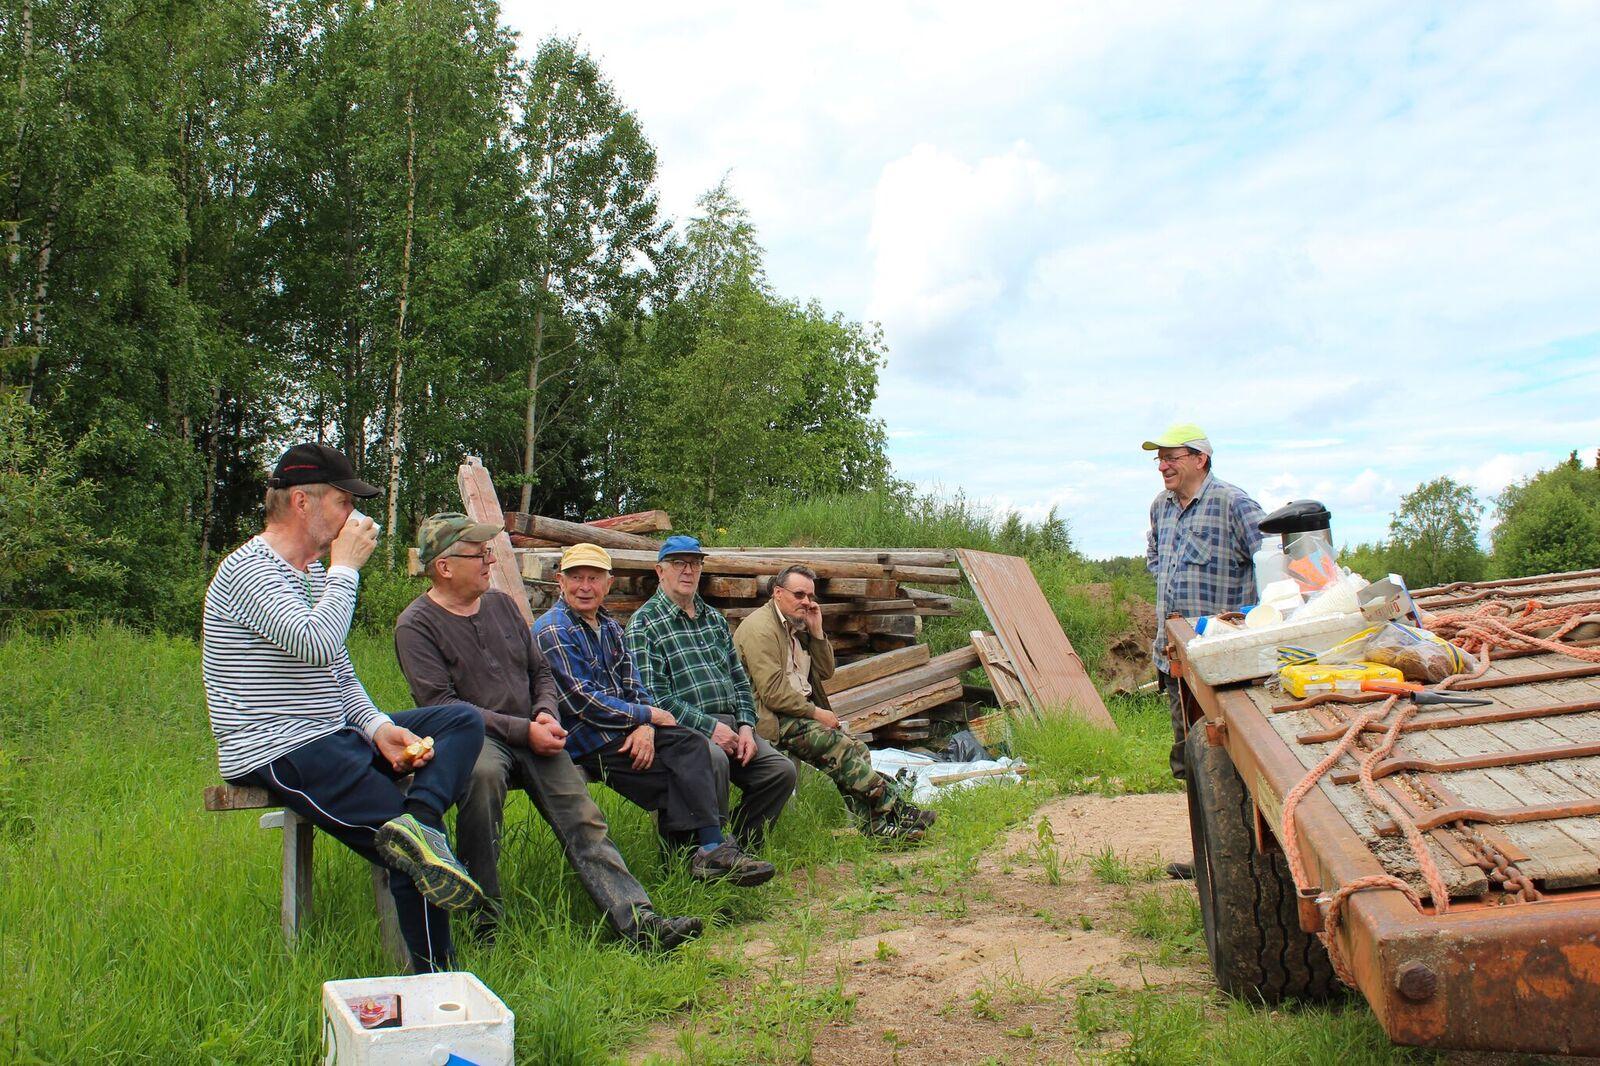 Meltosjärven kyläyhdistyksen talkooporukka kahvitauolla.